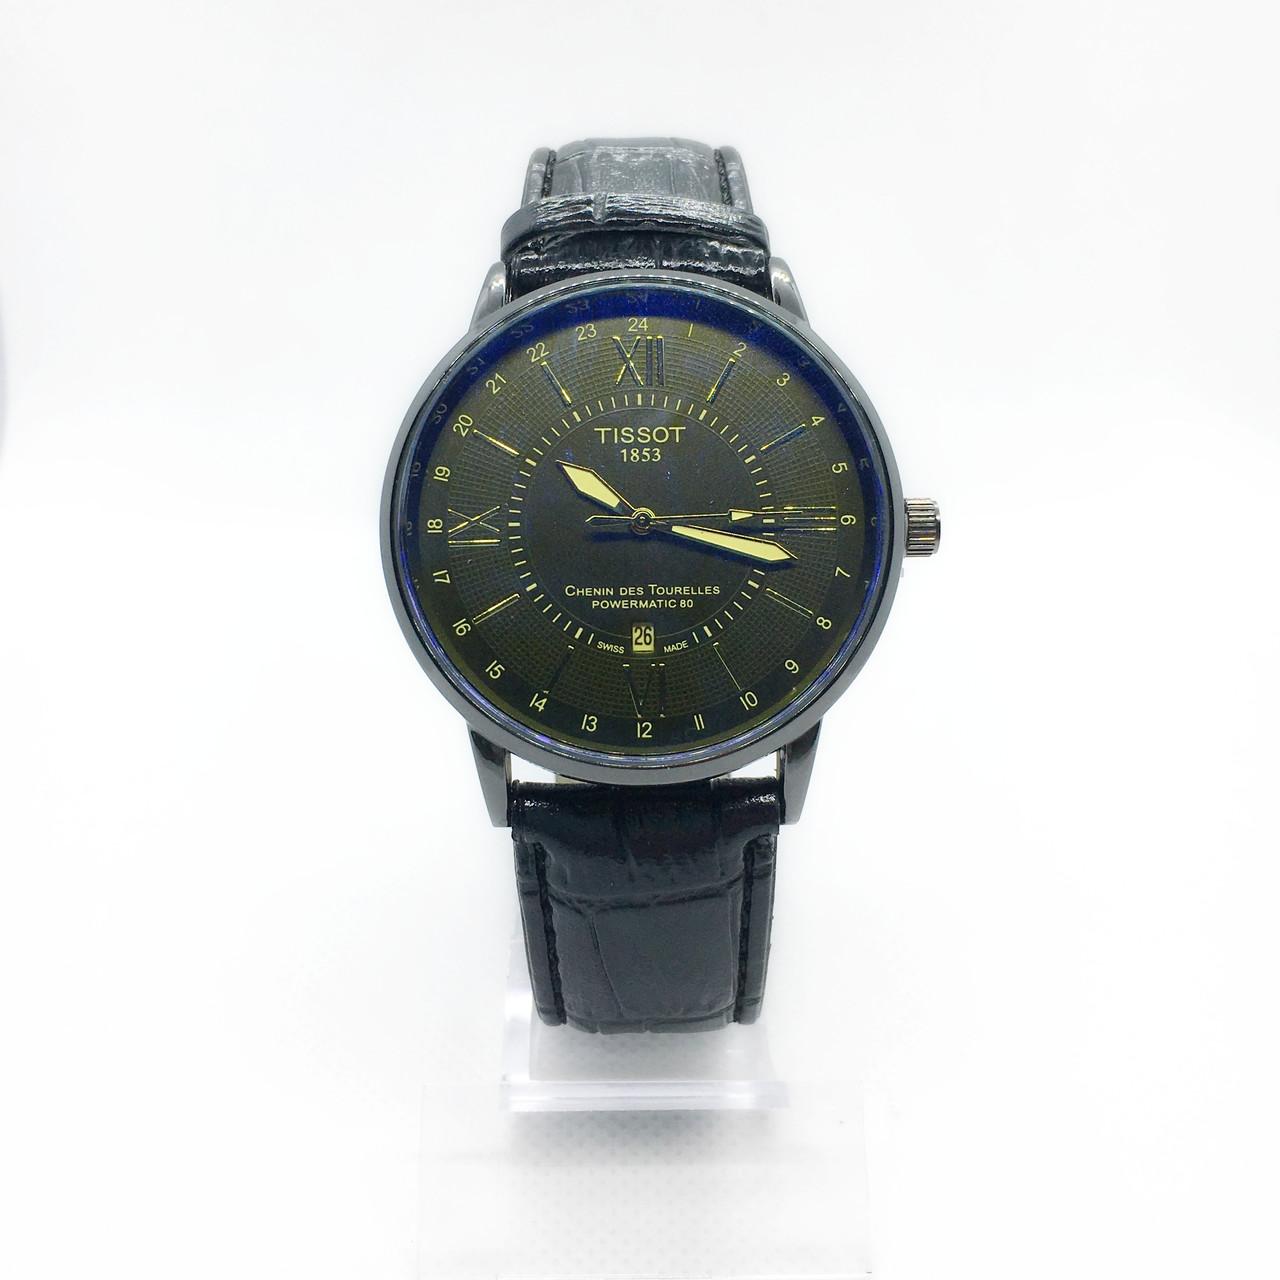 Наручные продать тиссот часы часов в красноярске оценка